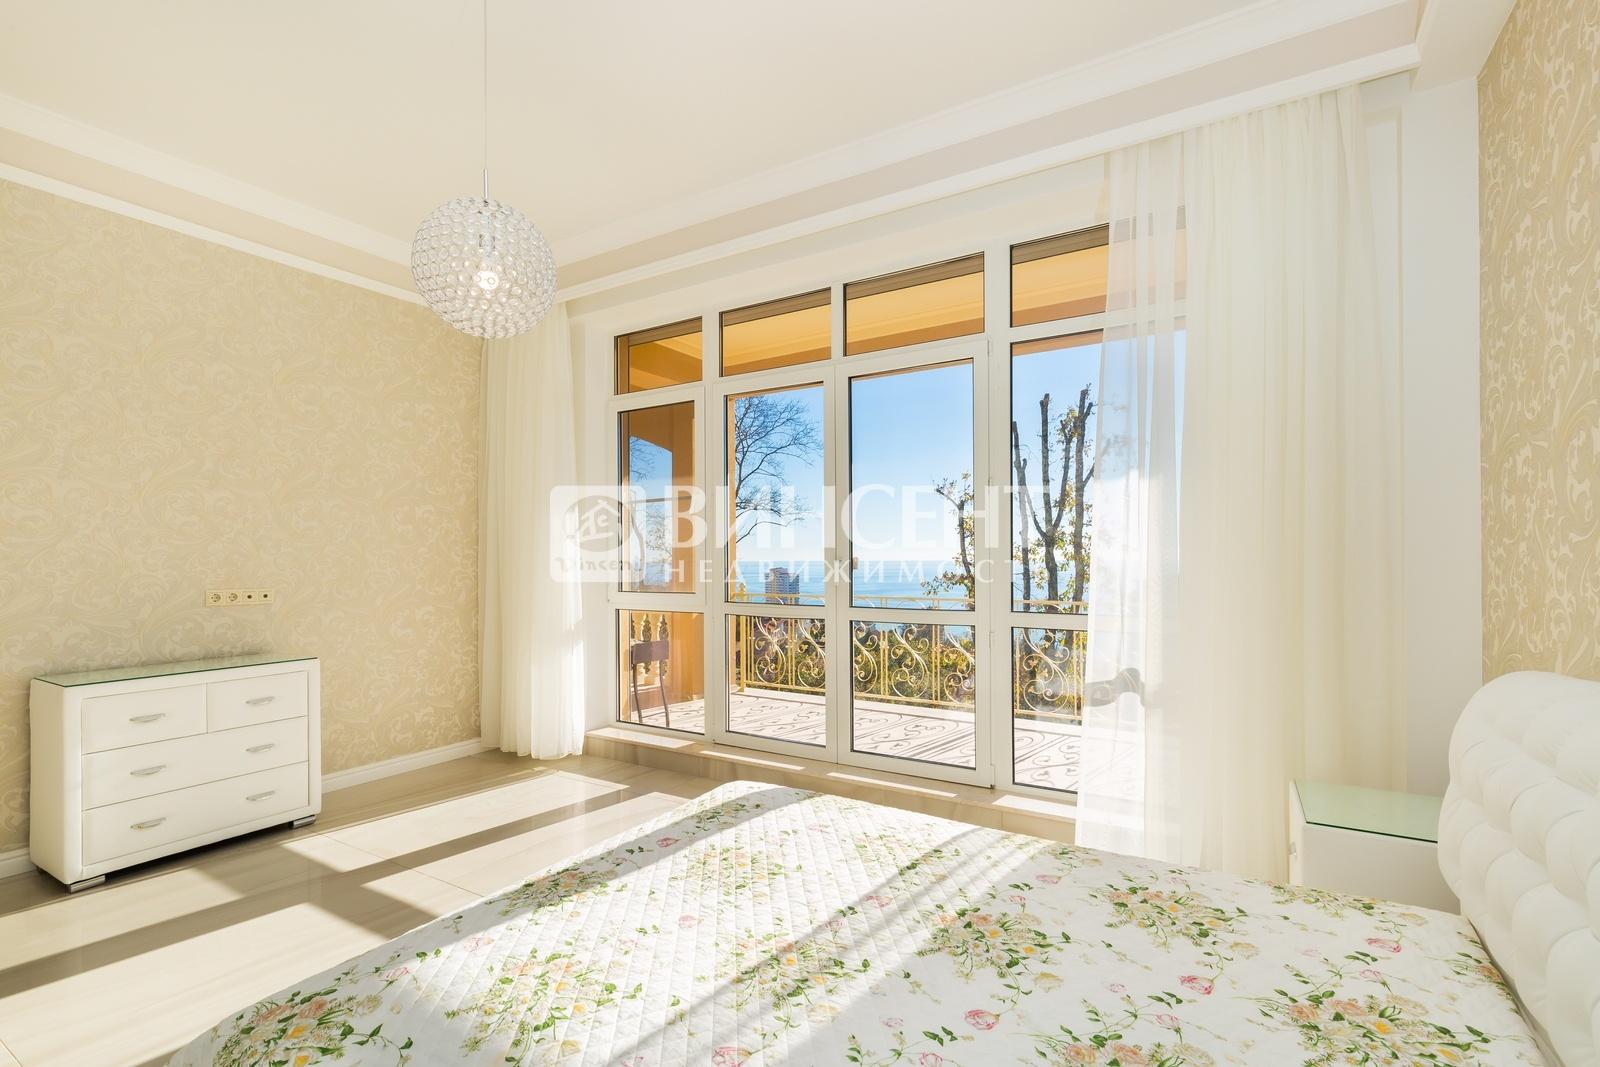 Appartamenti in vendita a Napoli in un complesso residenziale di lusso vicino al mare